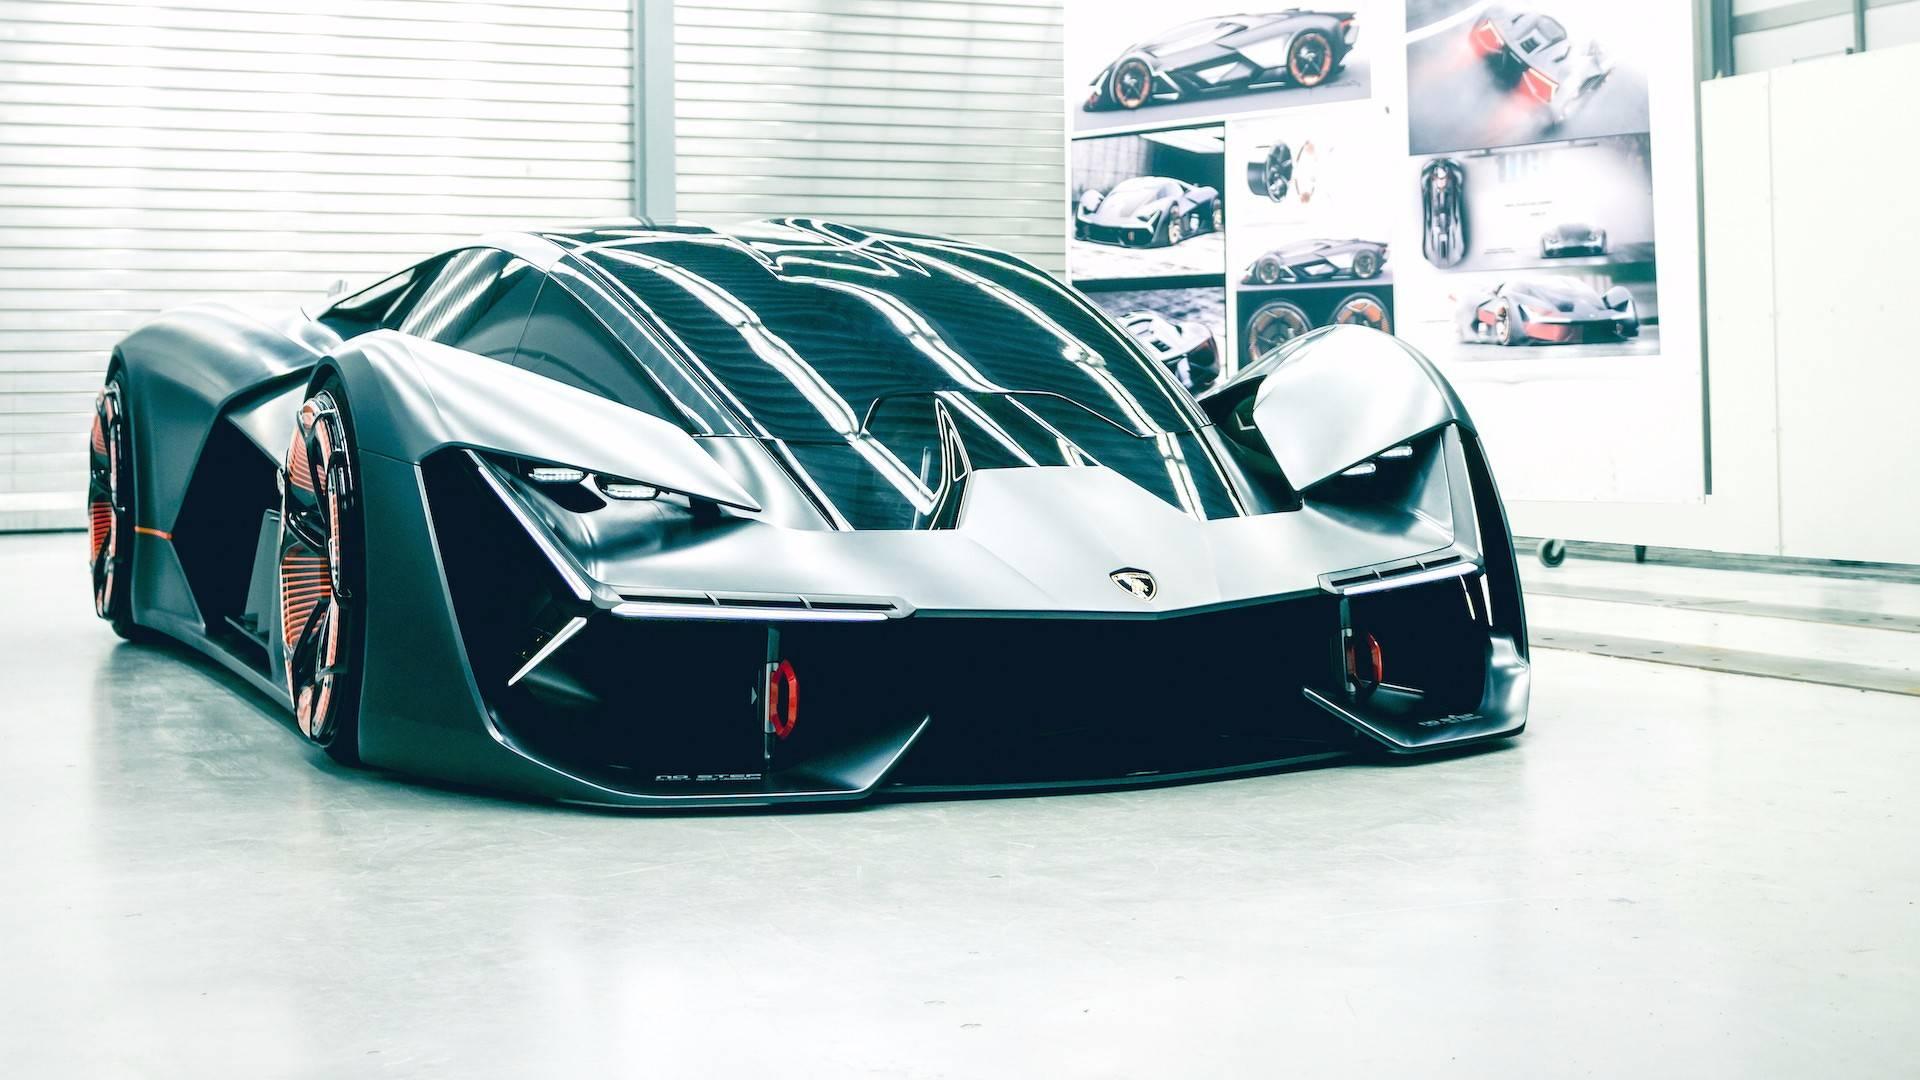 لامبورگینی از خودروی مفهومی هزاره سوم رونمایی کرد